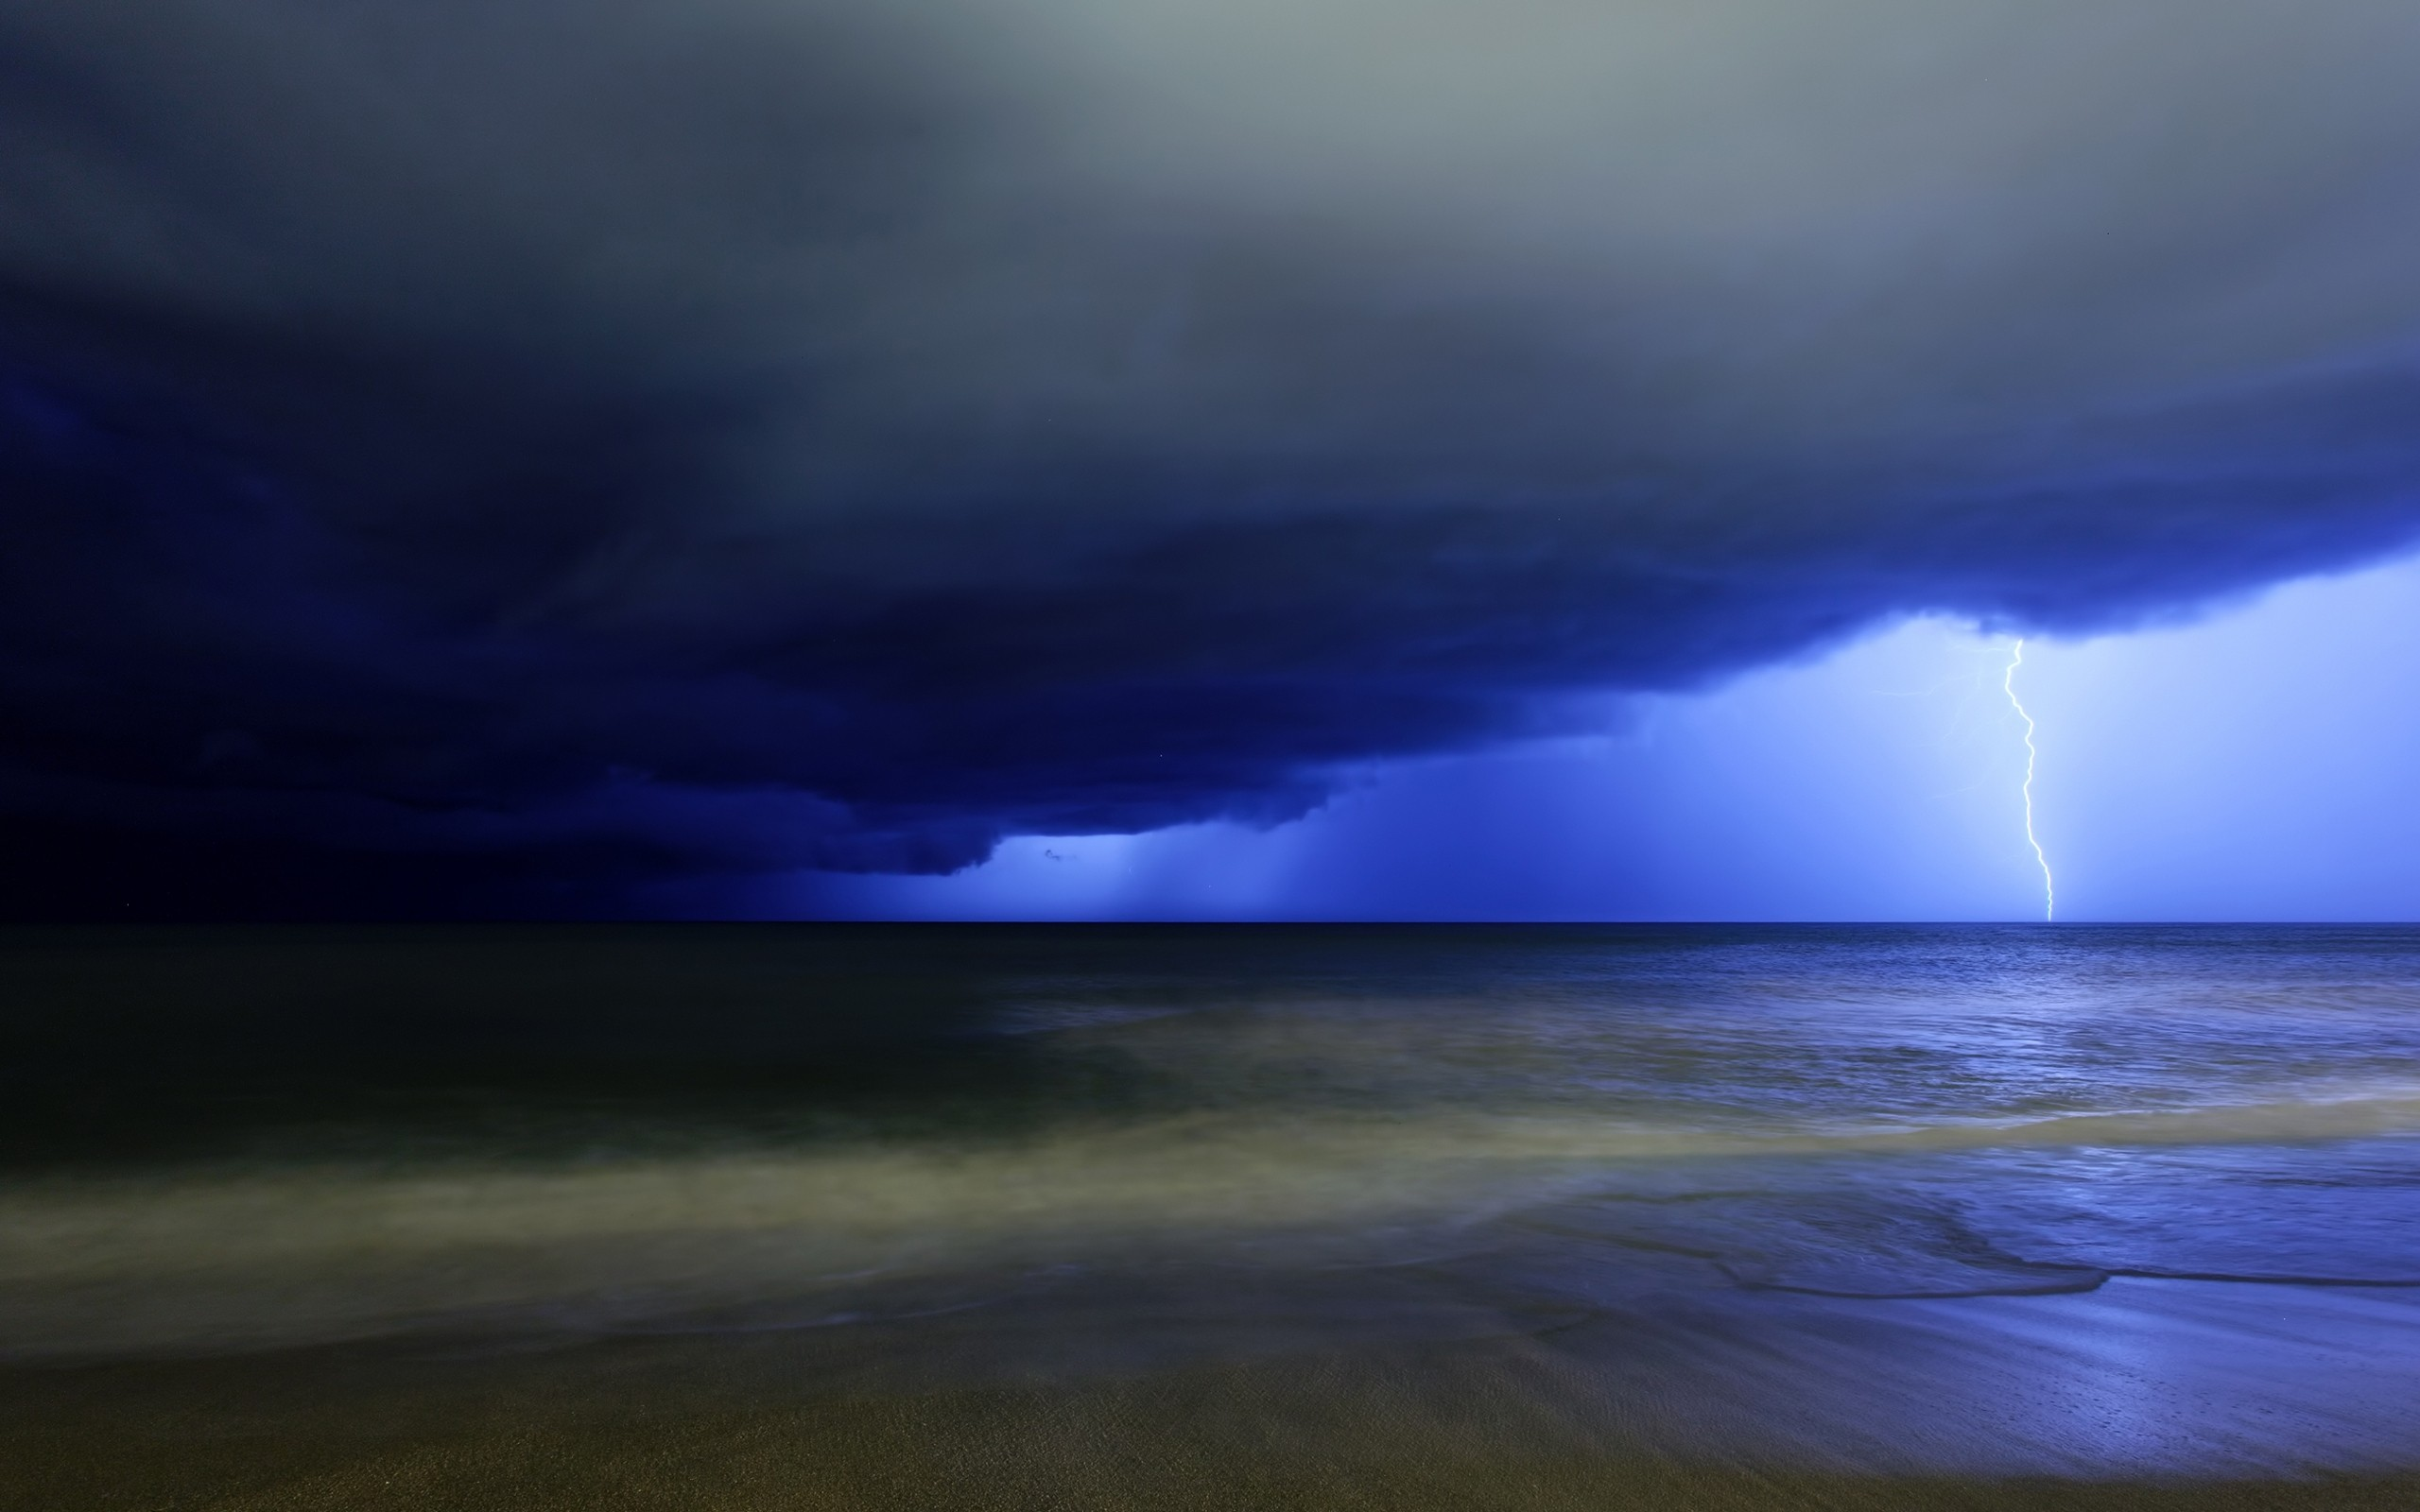 Ocean Desktop Wallpapers Lightning On The Ocean Desktop Backgrounds 2560x1600